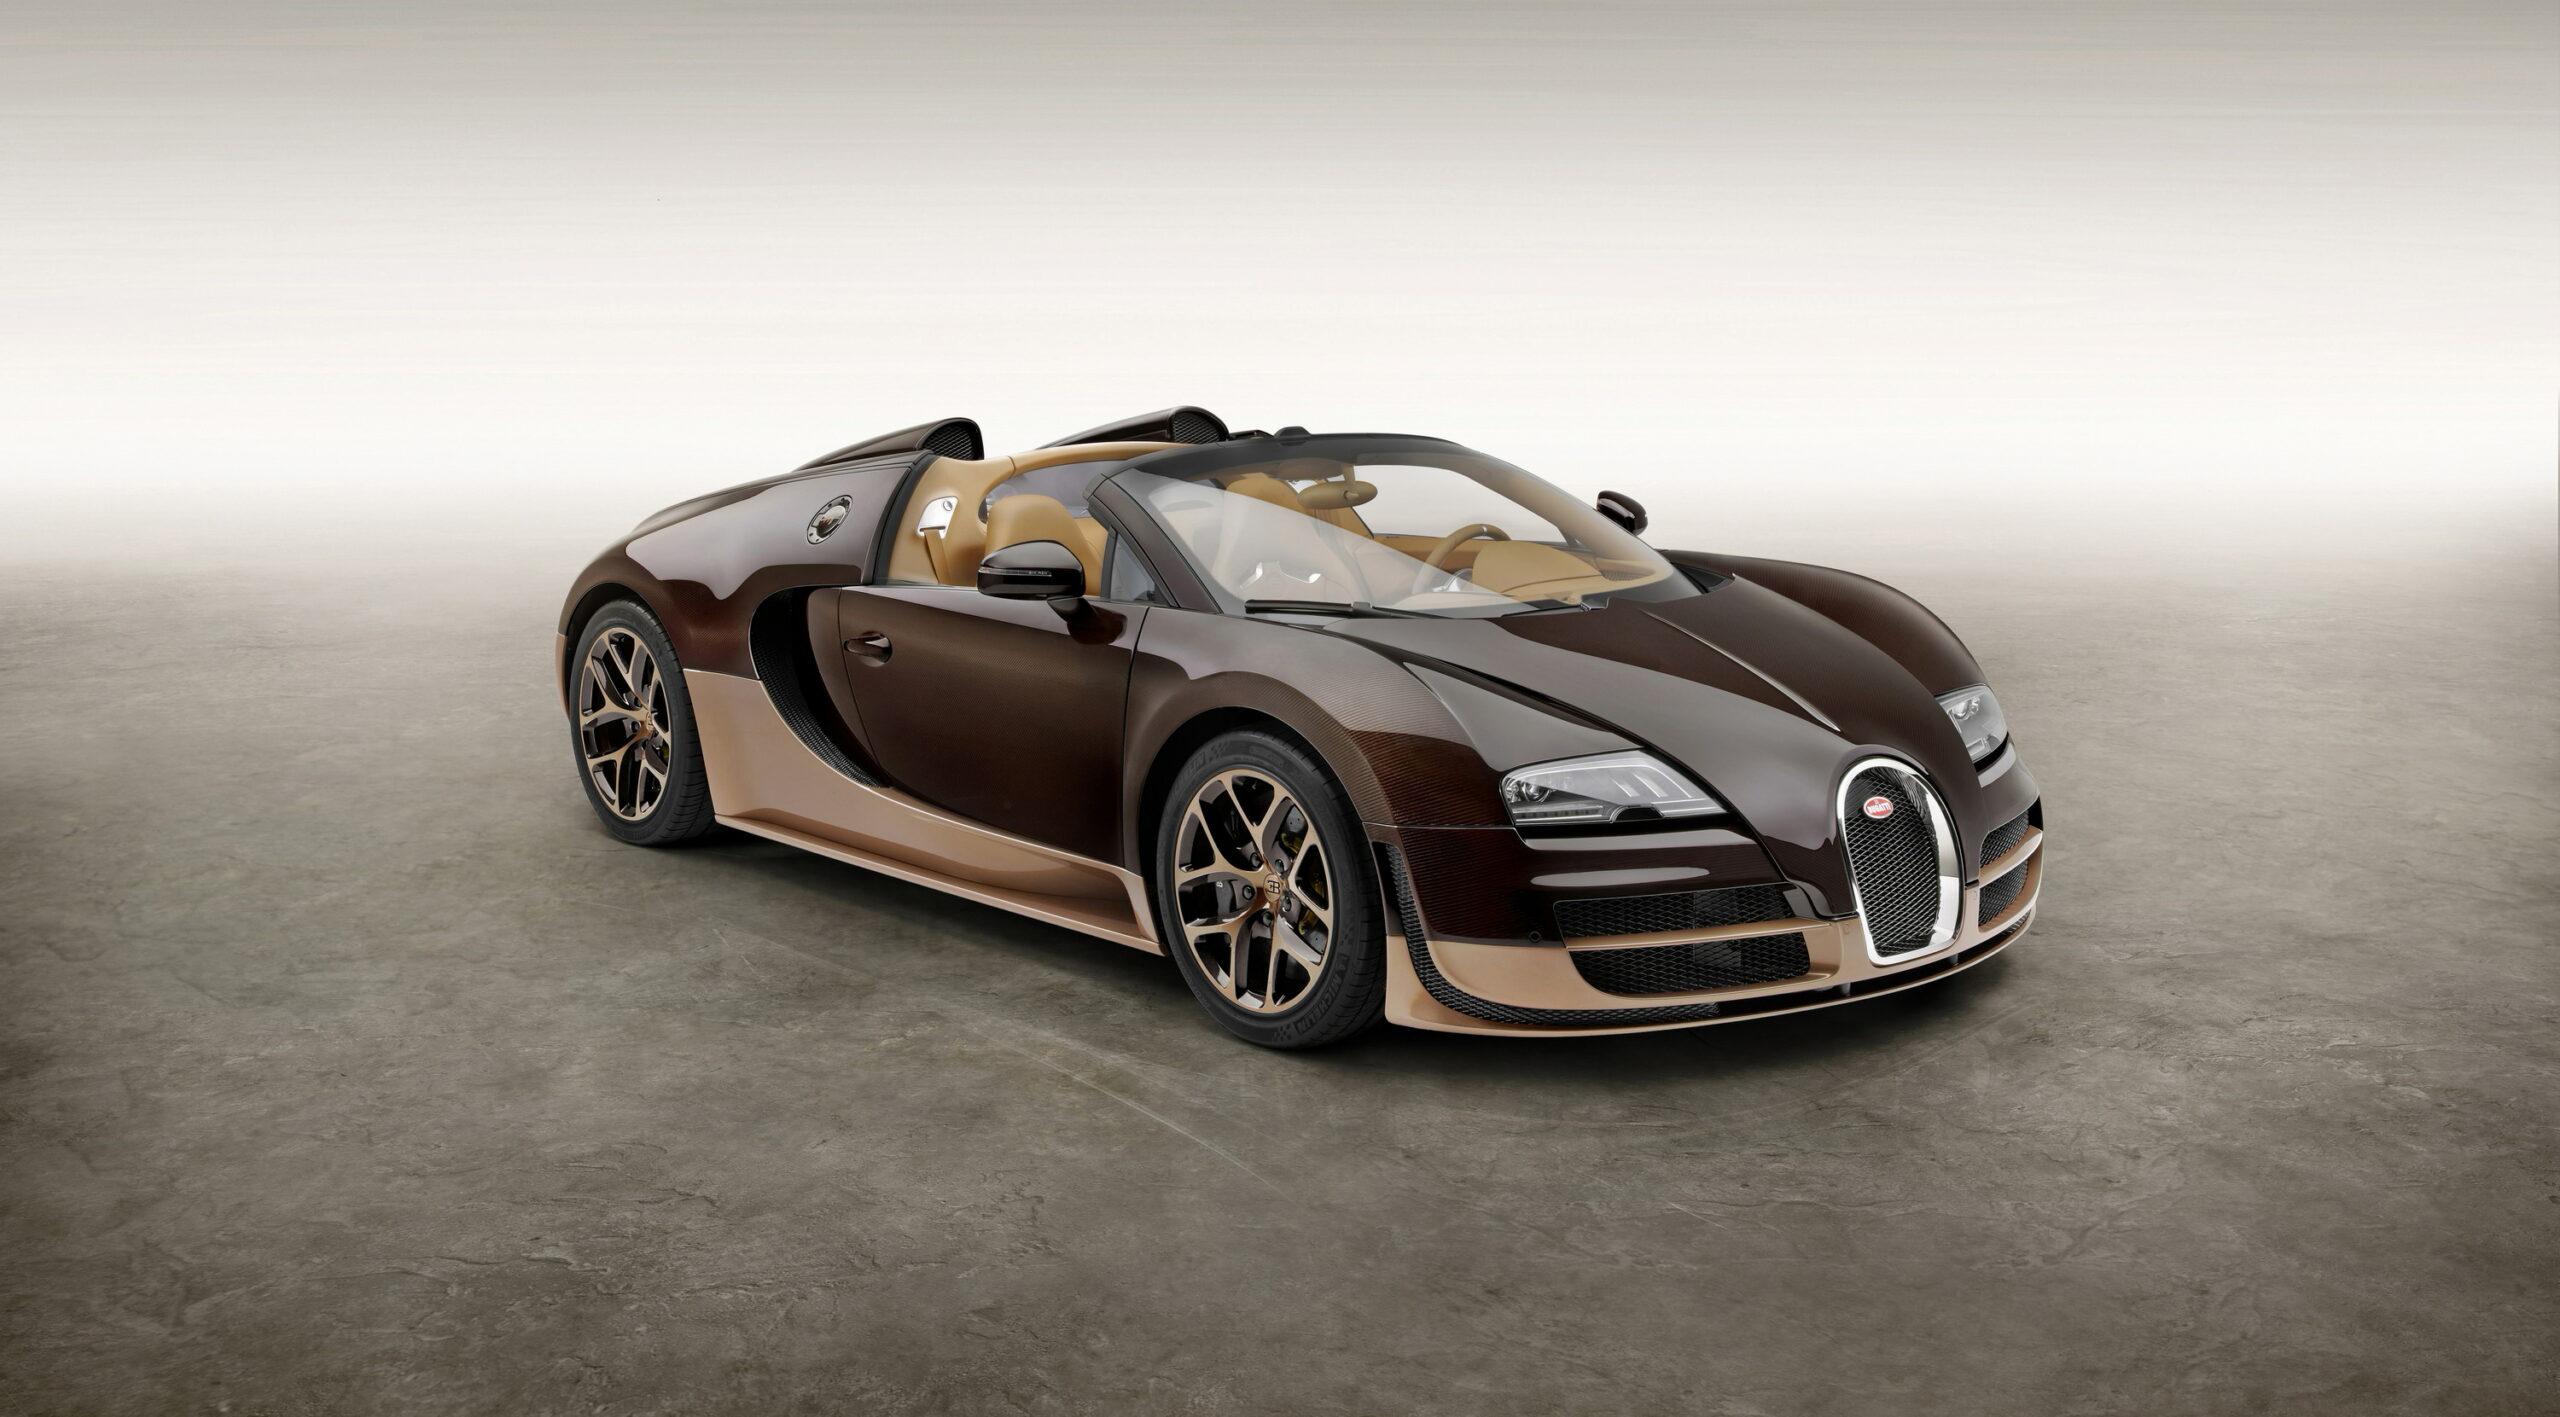 Bugatti Veyron 16.4 Grand Sport Vitesse Model 2014